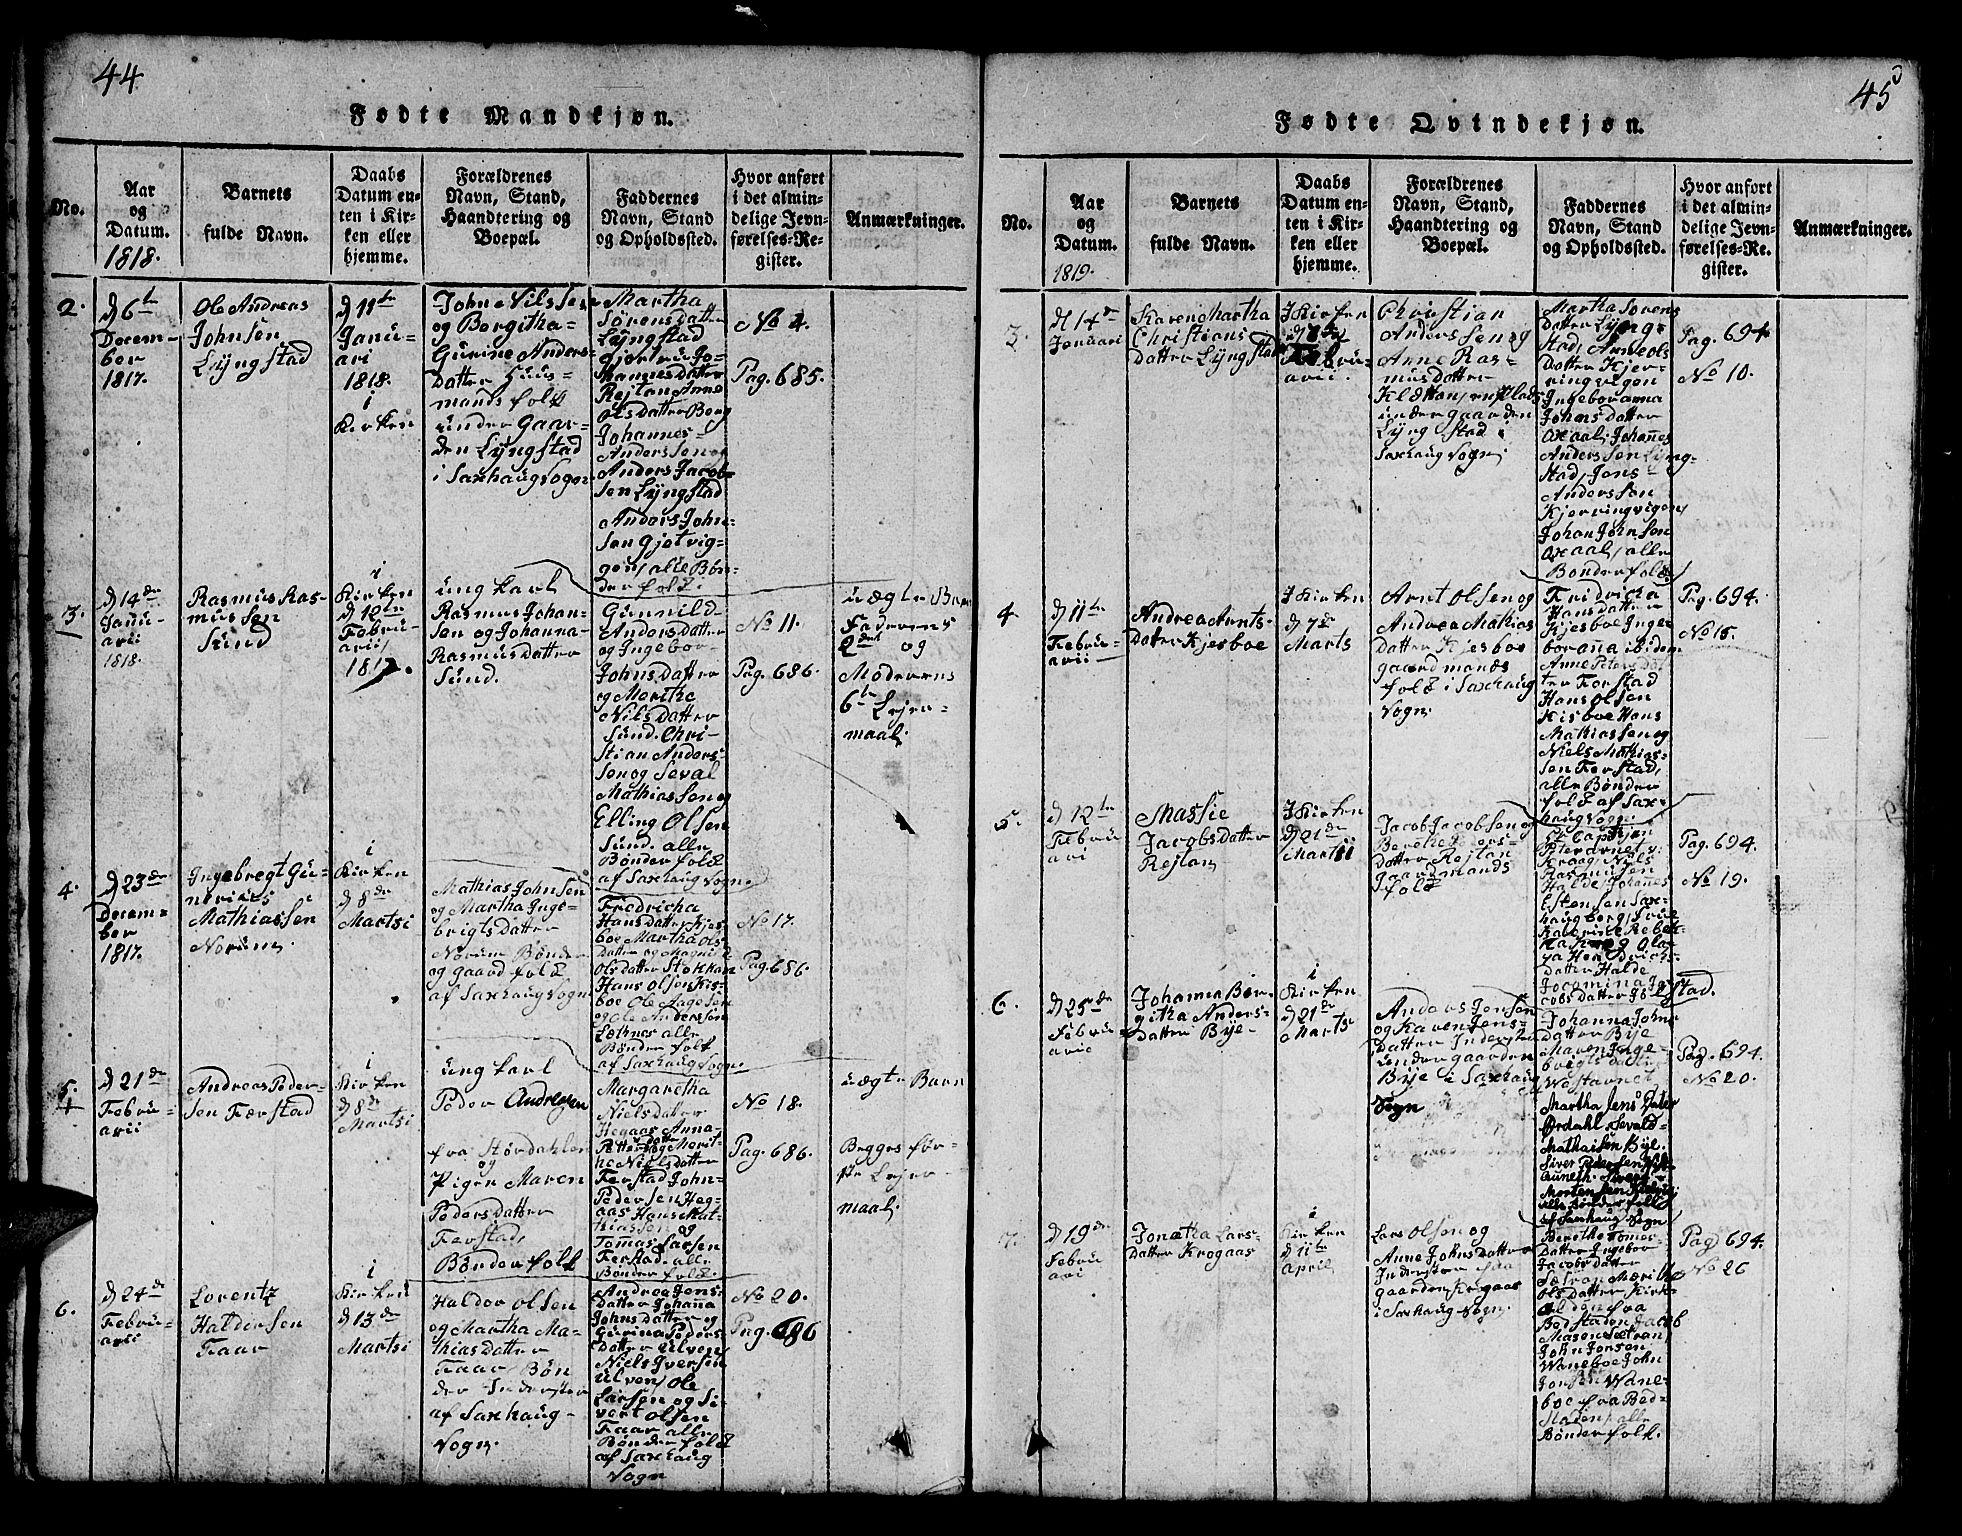 SAT, Ministerialprotokoller, klokkerbøker og fødselsregistre - Nord-Trøndelag, 730/L0298: Klokkerbok nr. 730C01, 1816-1849, s. 44-45